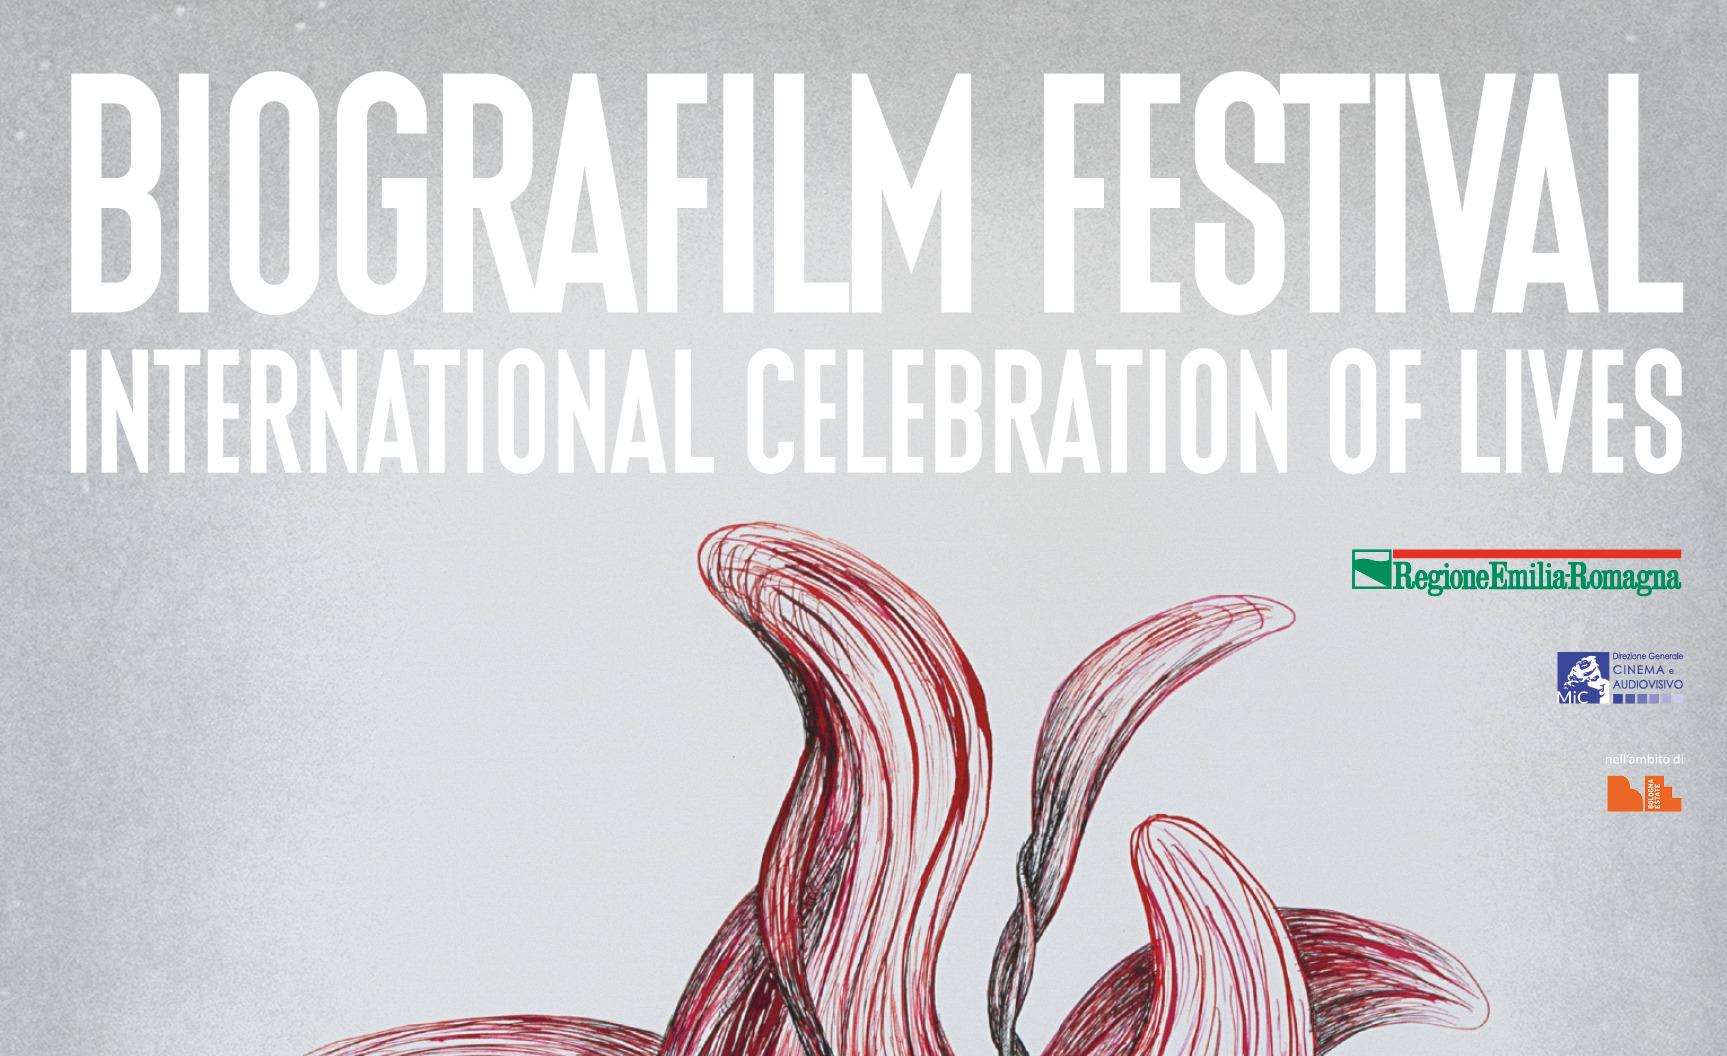 Biografilm Festival 2021 Bologna 4-14 giugno